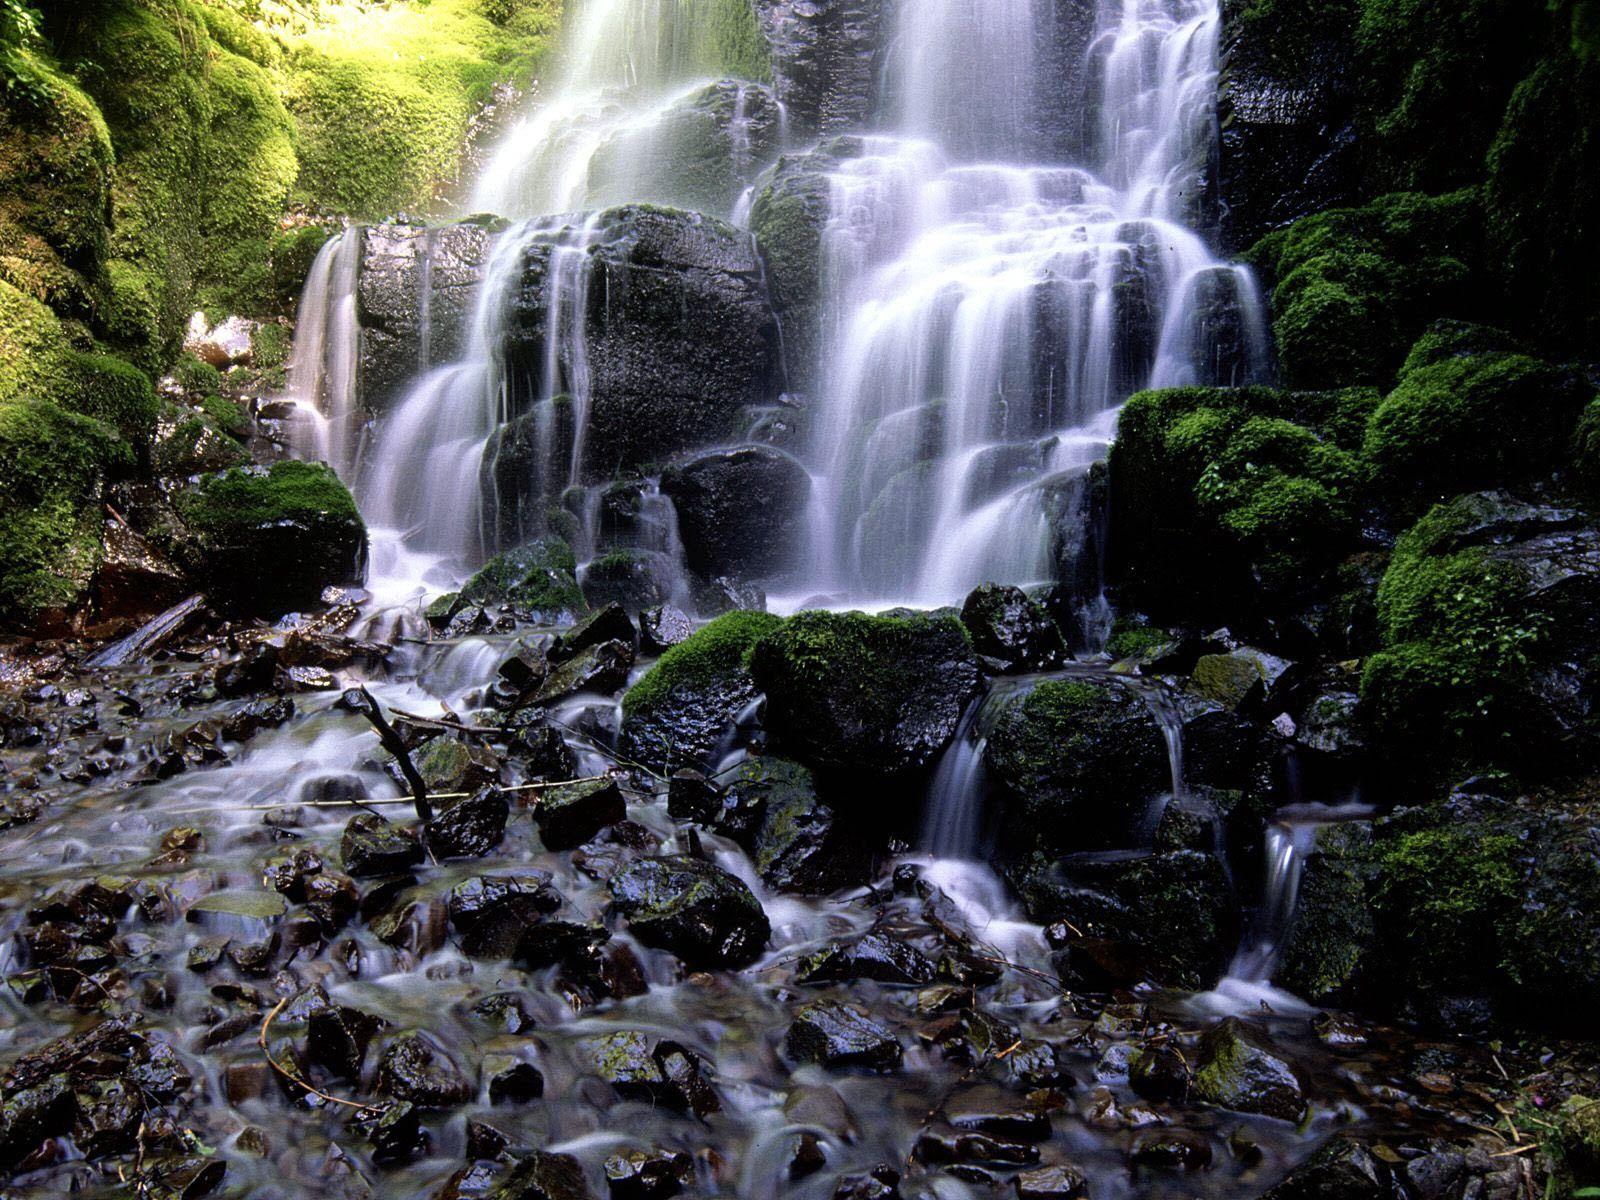 117756 économiseurs d'écran et fonds d'écran Cascades sur votre téléphone. Téléchargez Nature, Noyaux, Cascades, Cascade, Couler, Ruisseau, Gorge images gratuitement